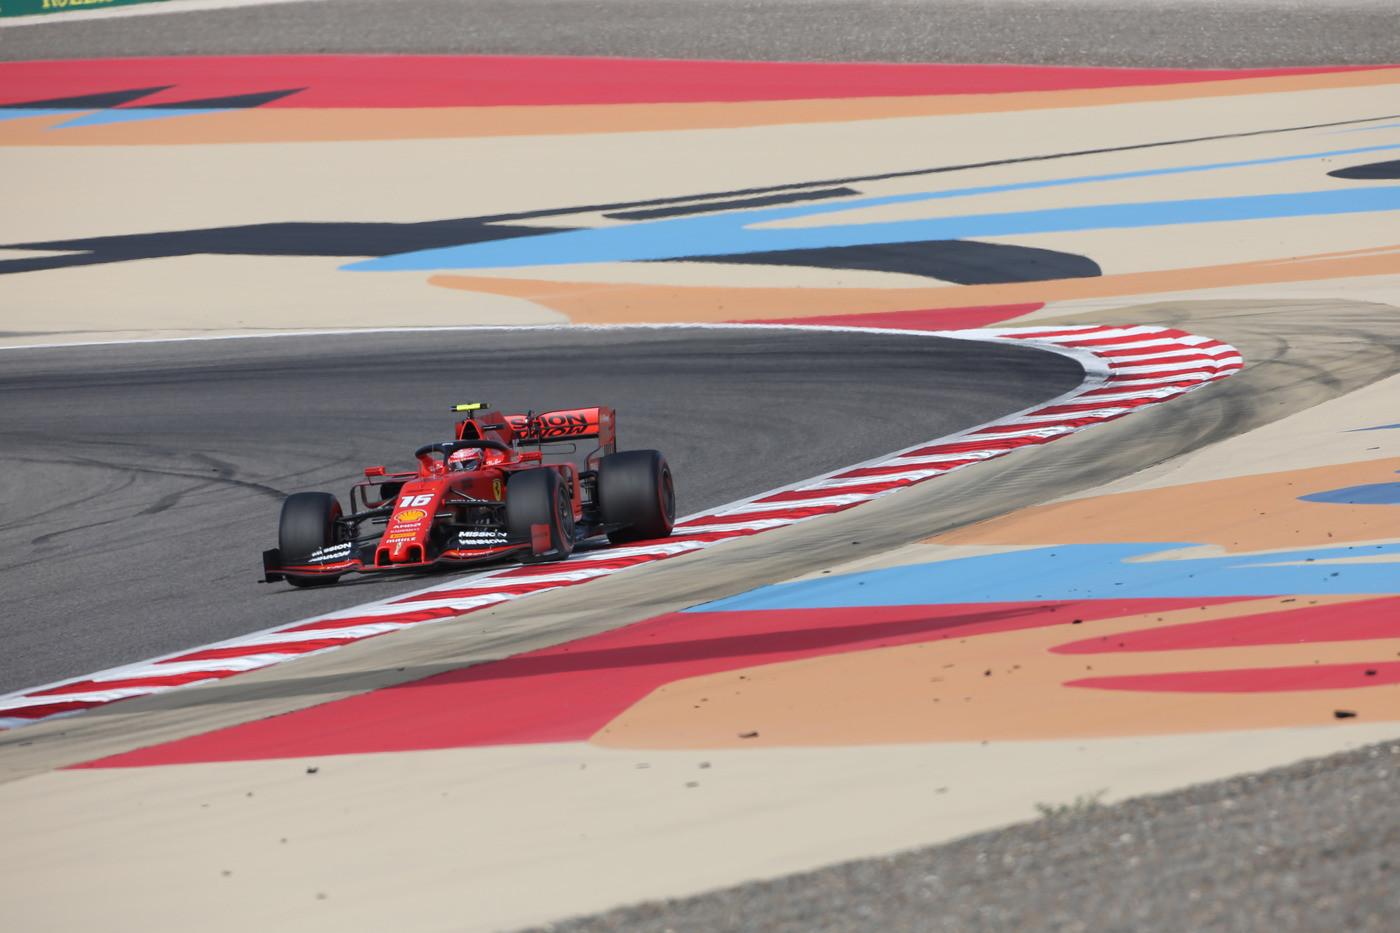 Gp del Barhain, vince Hamilton davanti a Bottas. Terzo, ma che sfortuna, un grande Leclerc